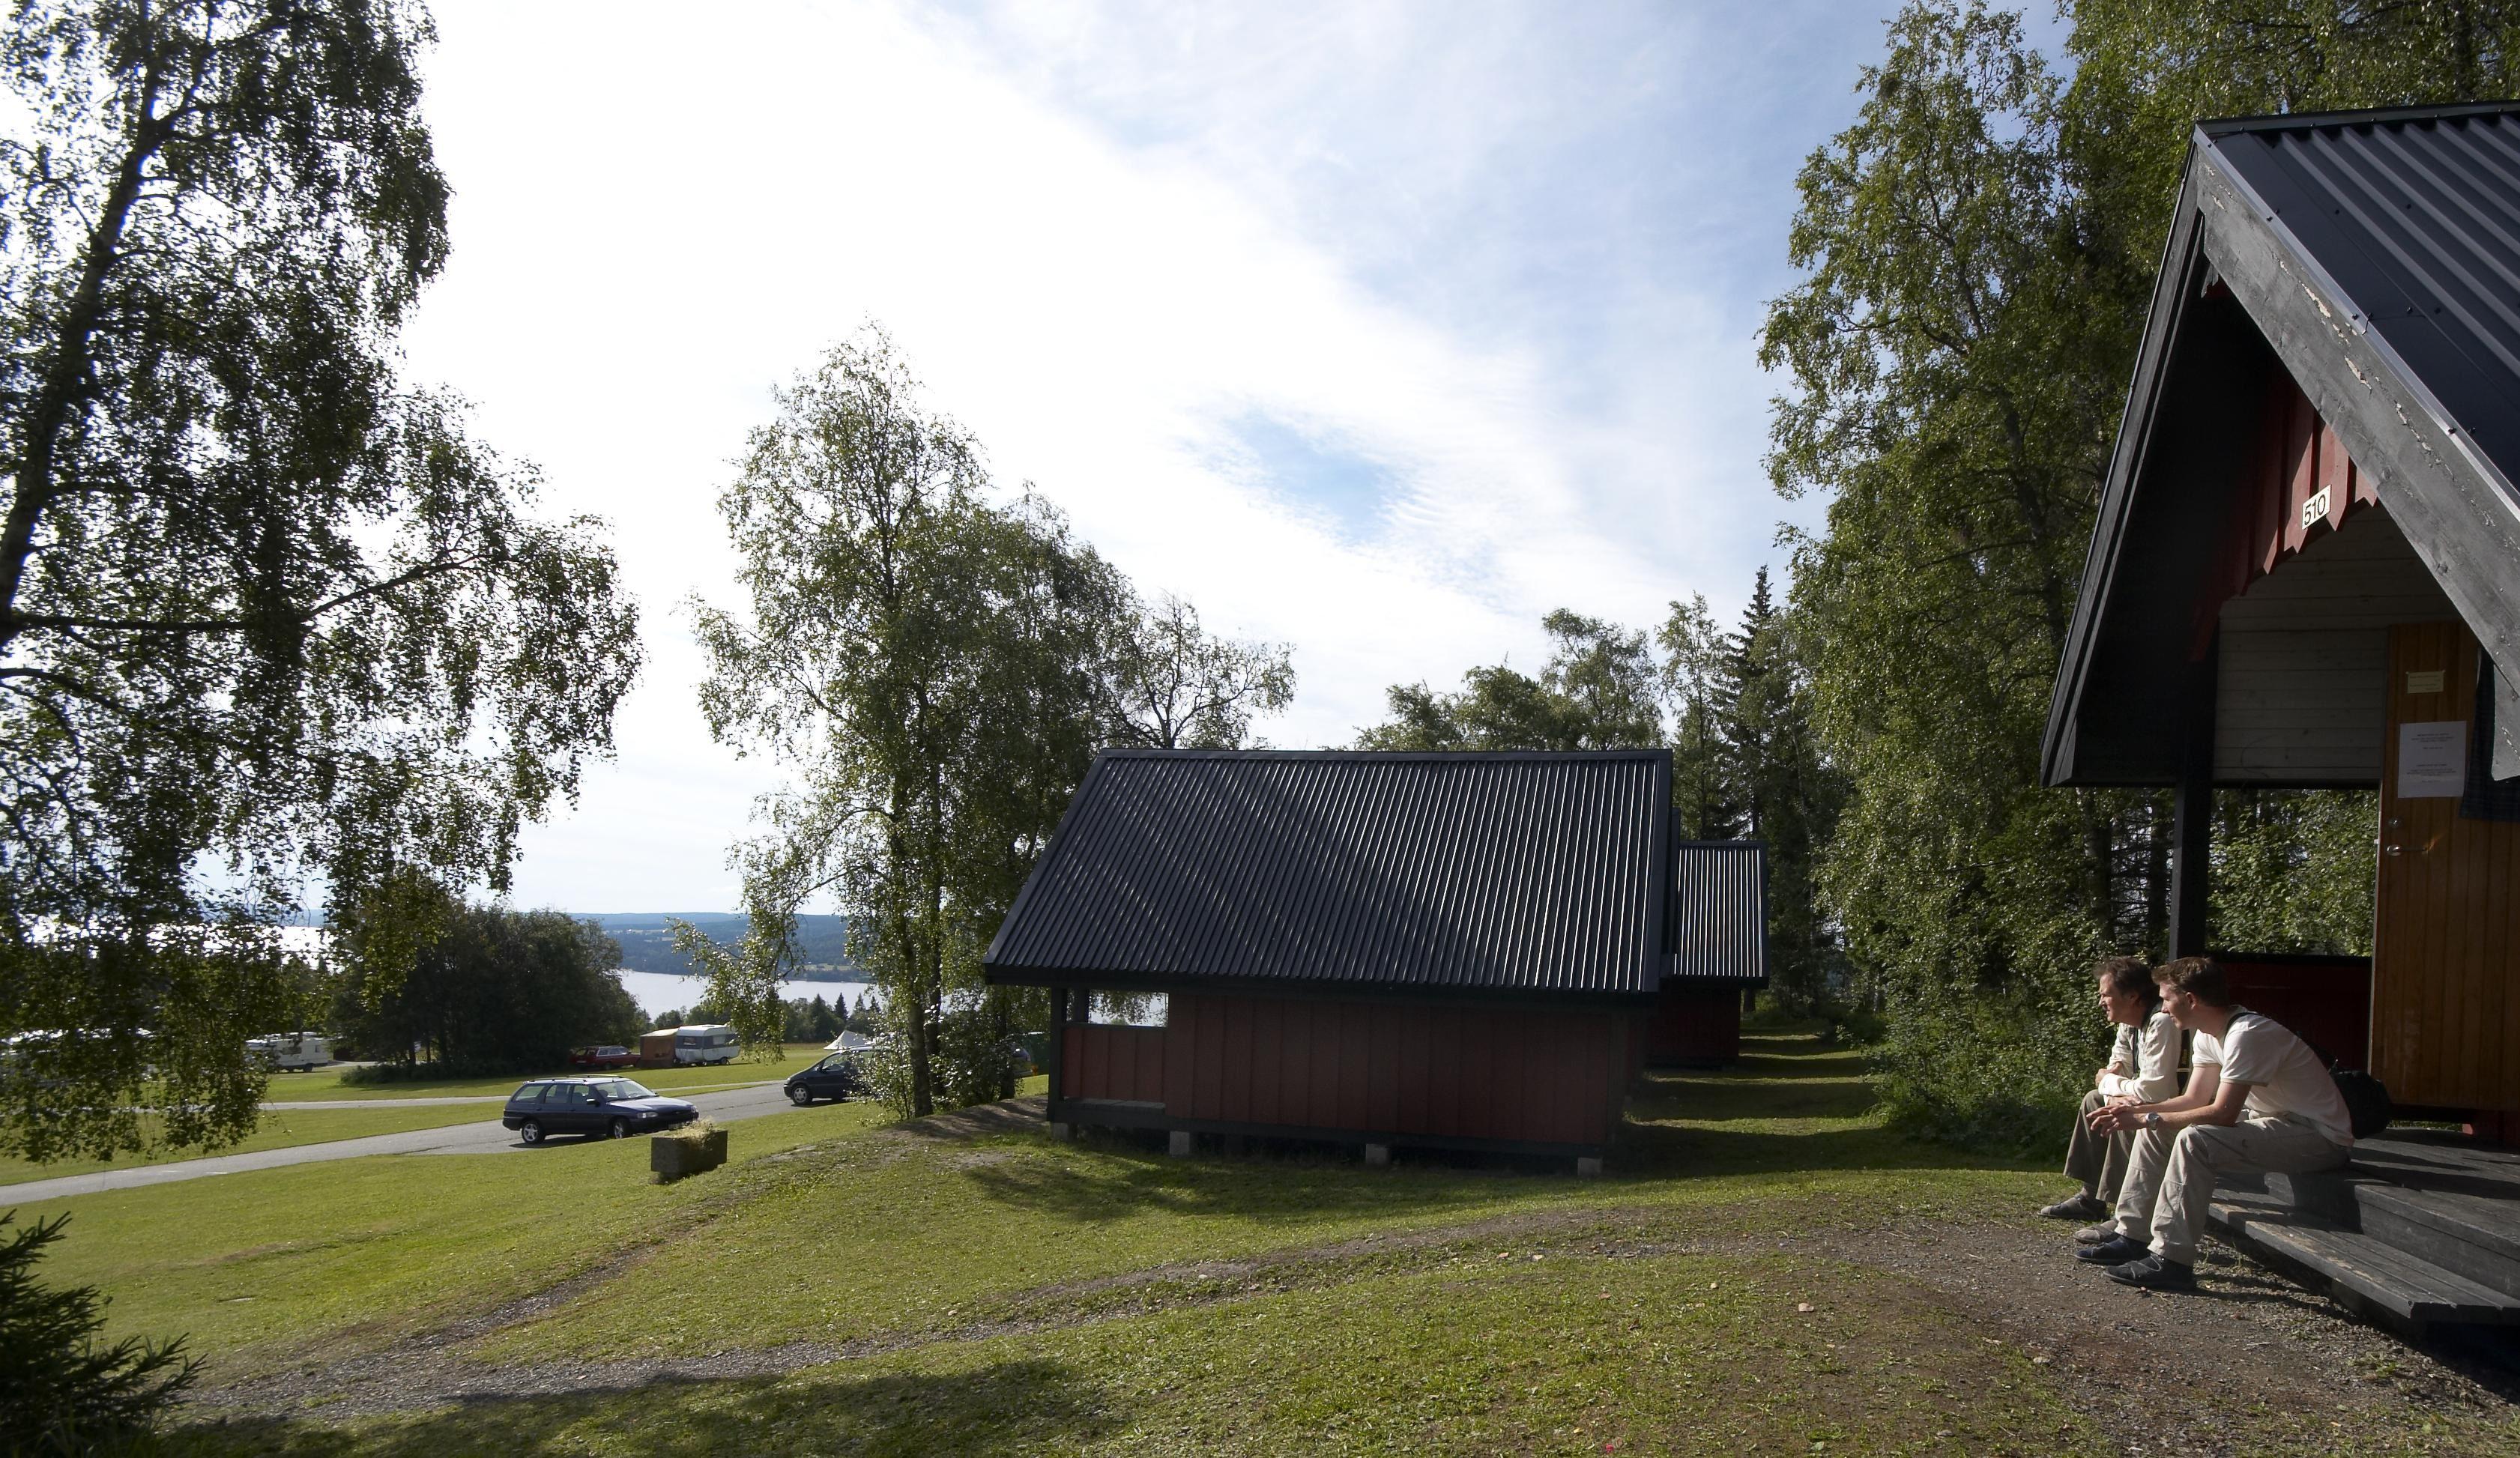 Frösö Camping & Stugby